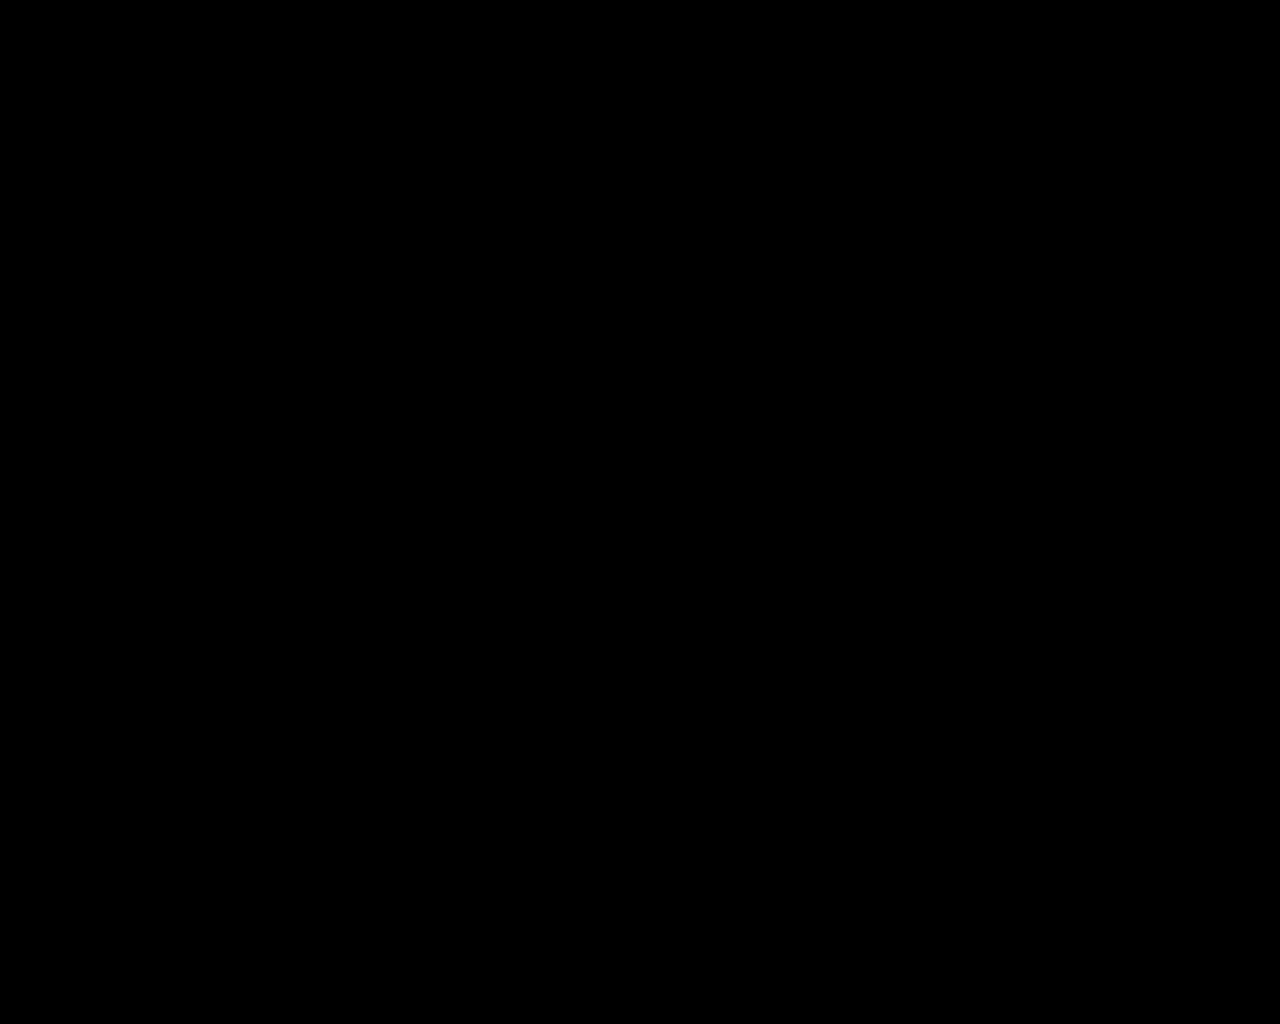 Logo.-Advertising-Reviews-Pricing